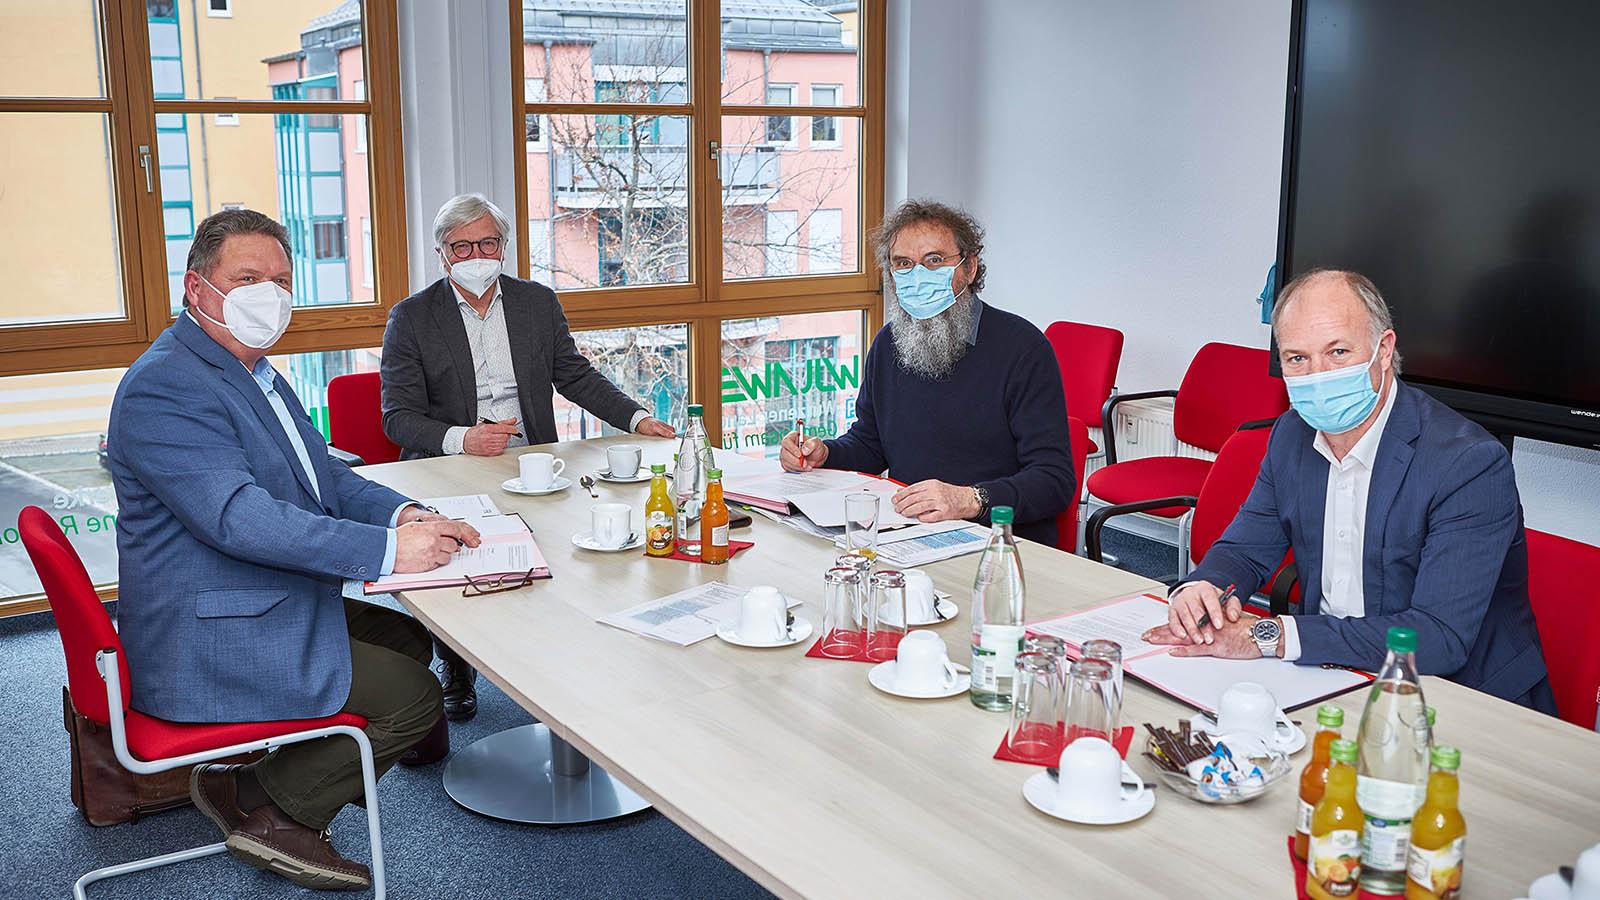 Dr. Vornehm und die Projektpartner bei der Vertragsunterzeichnung